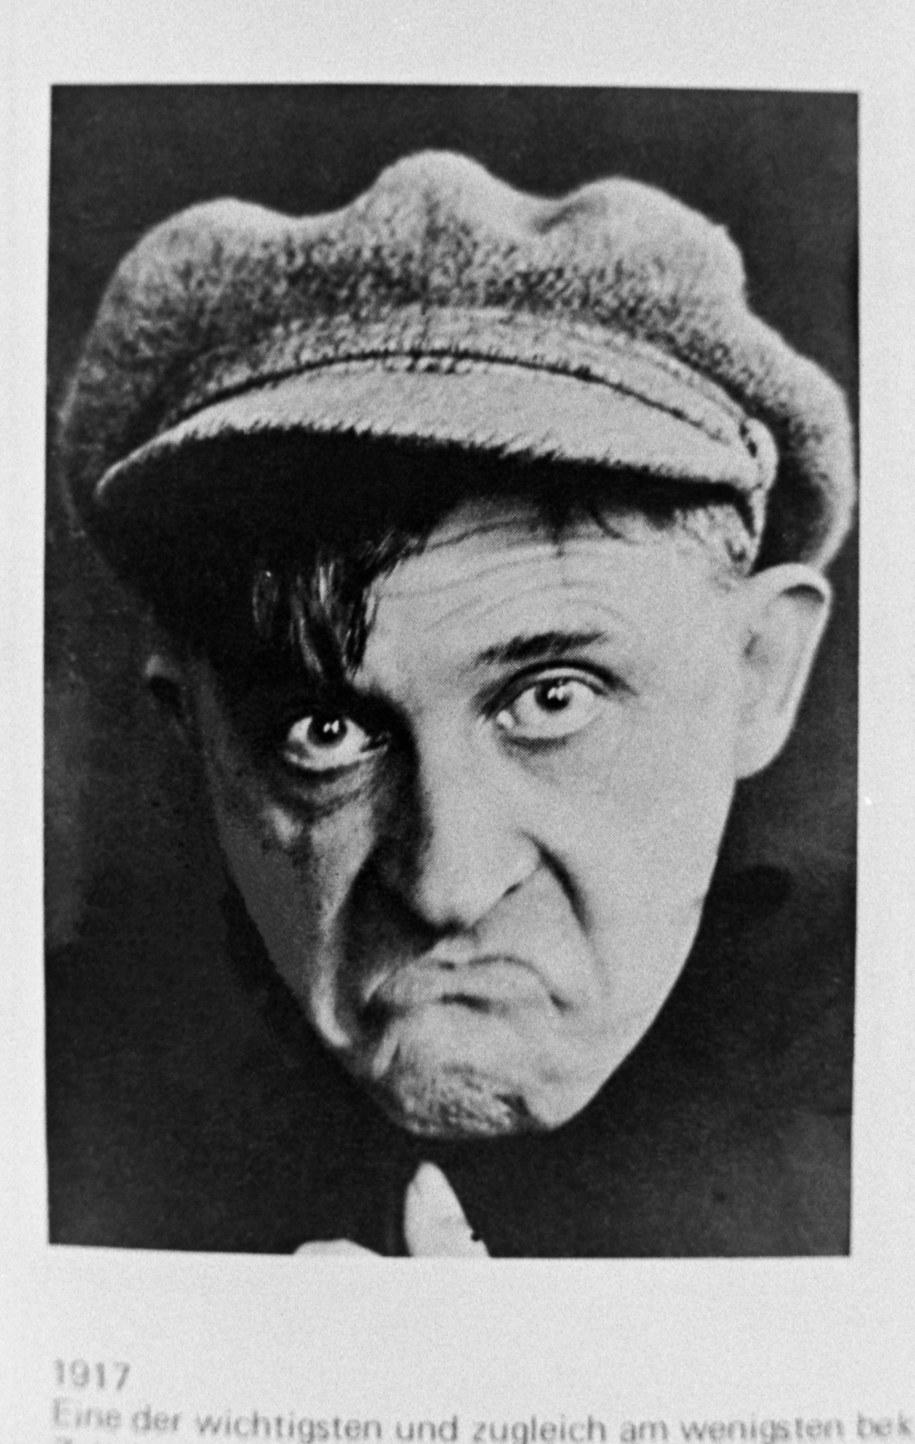 Malarz, pisarz Stanisław Ignacy Witkiewicz (1885-1939) - reprodukcje autoportretów fotograficznych grafik z książek /reprodukcja/Mirosław Stankiewicz /PAP